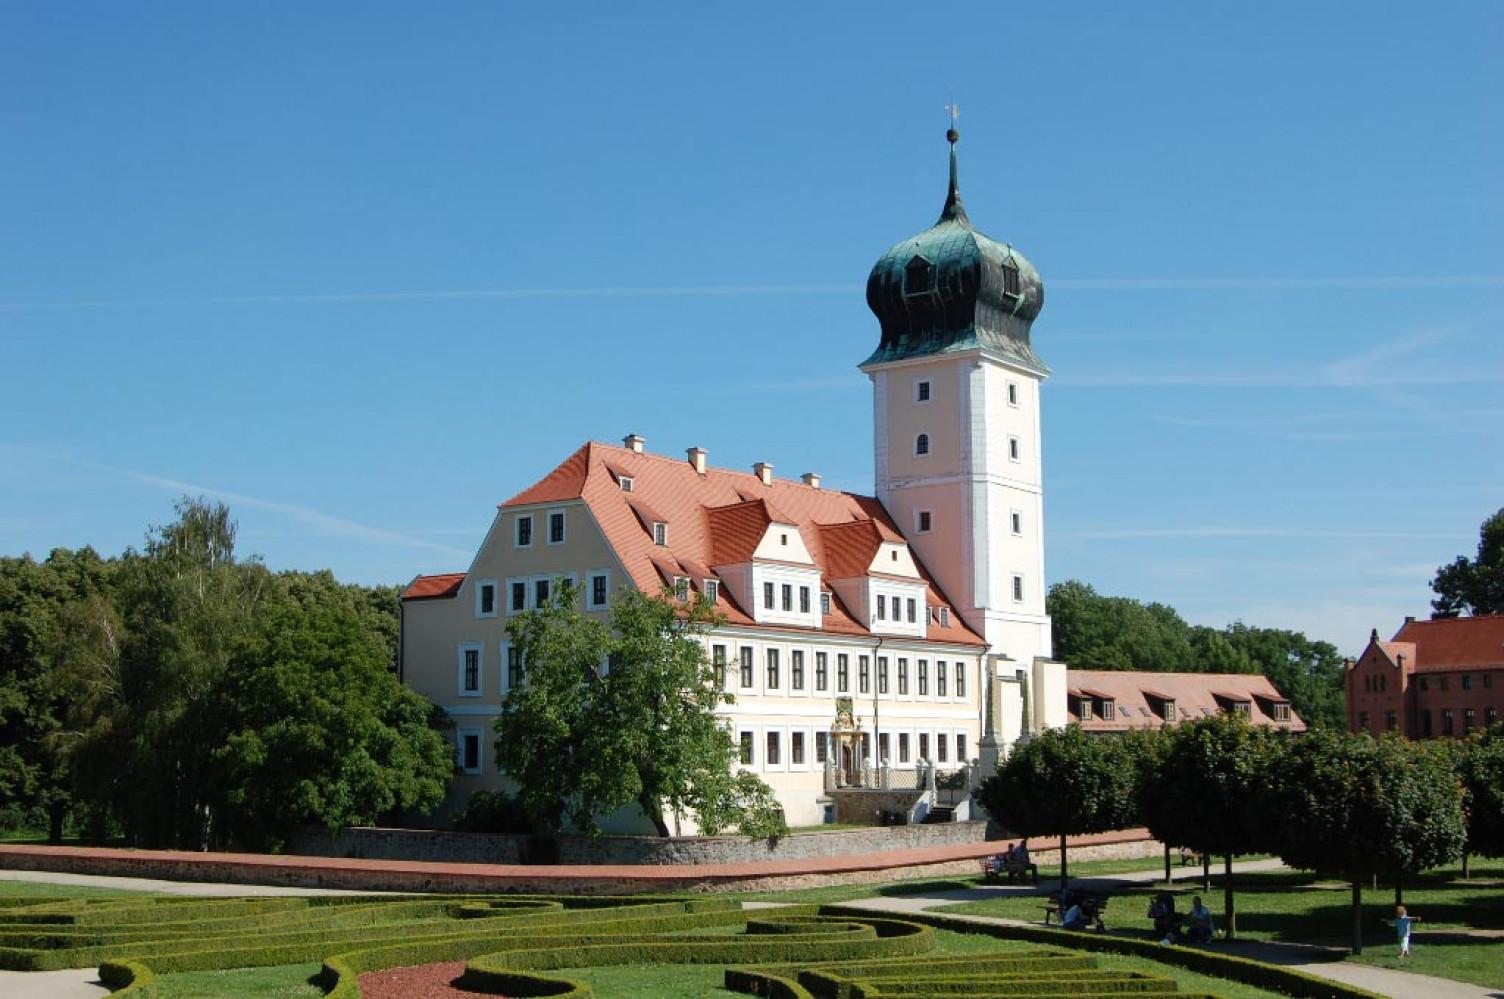 Barockschloss Delitzsch